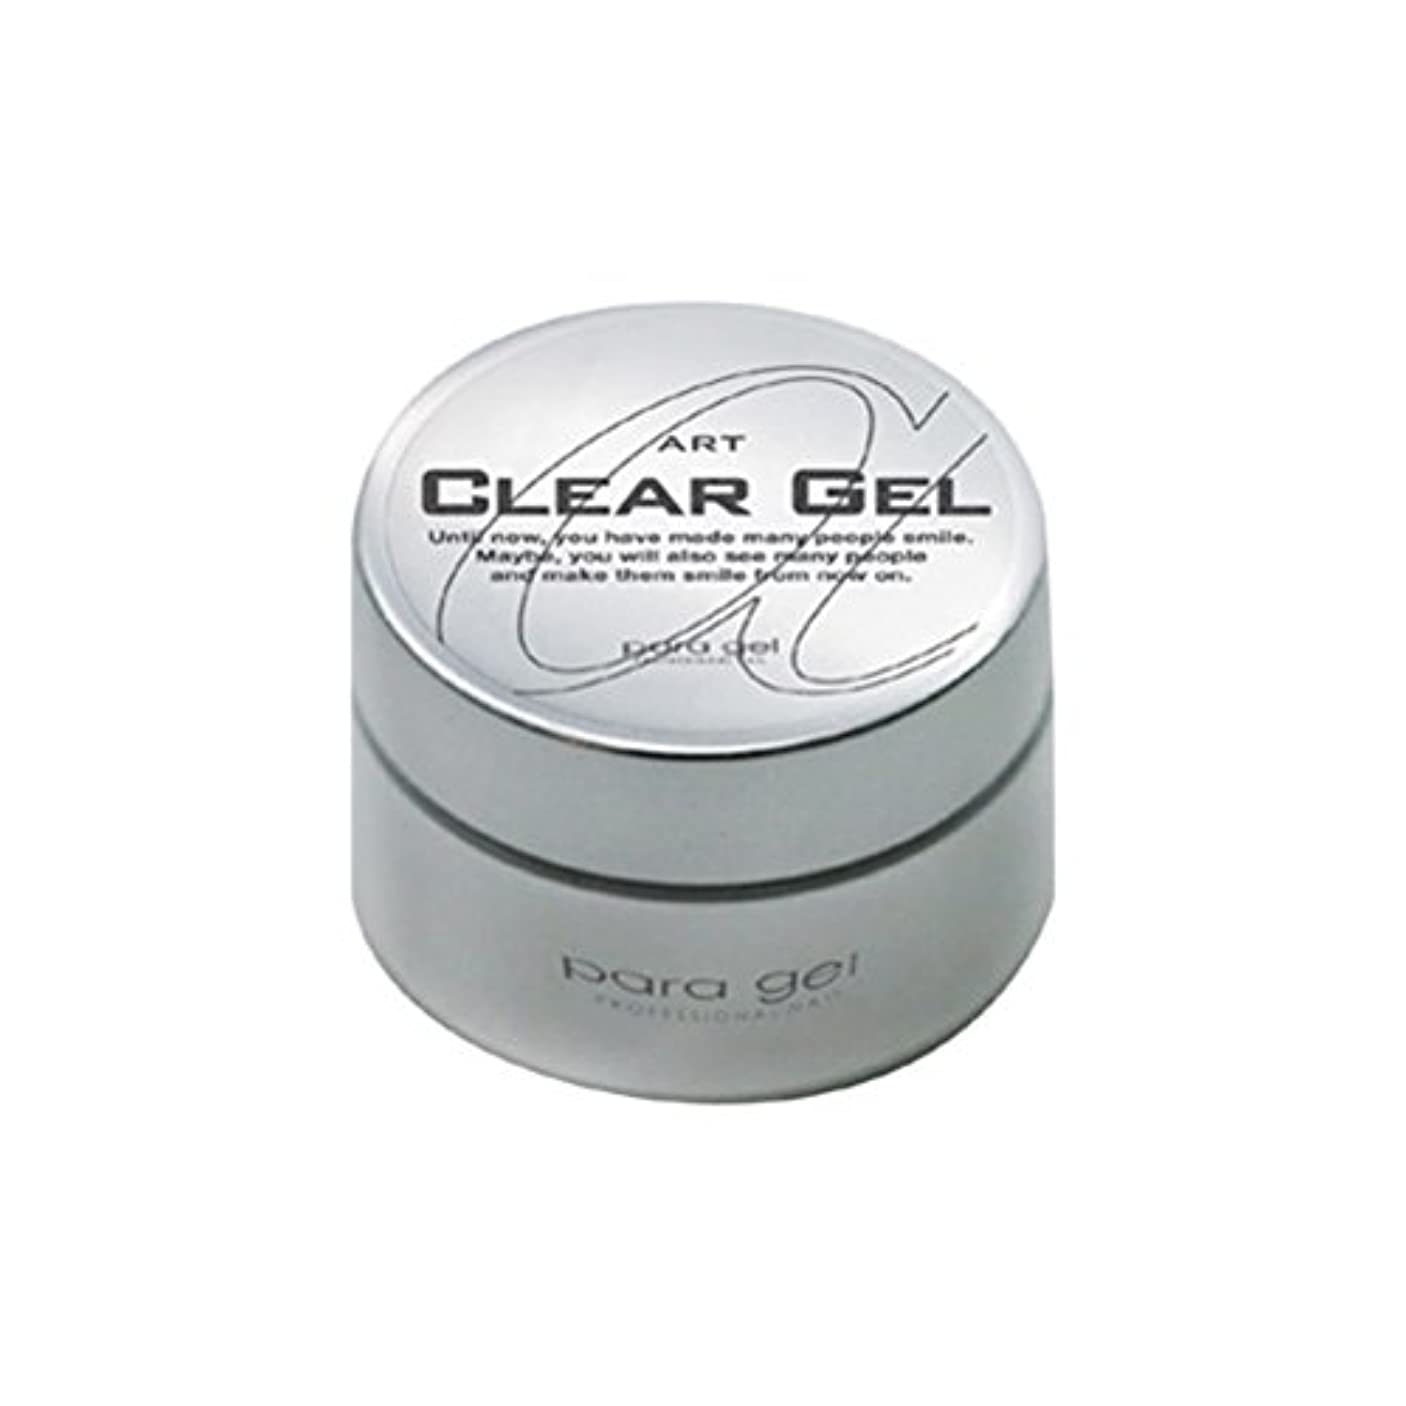 日常的に思慮深い令状para gel アートクリアジェル 10g サンディング不要のベースジェル